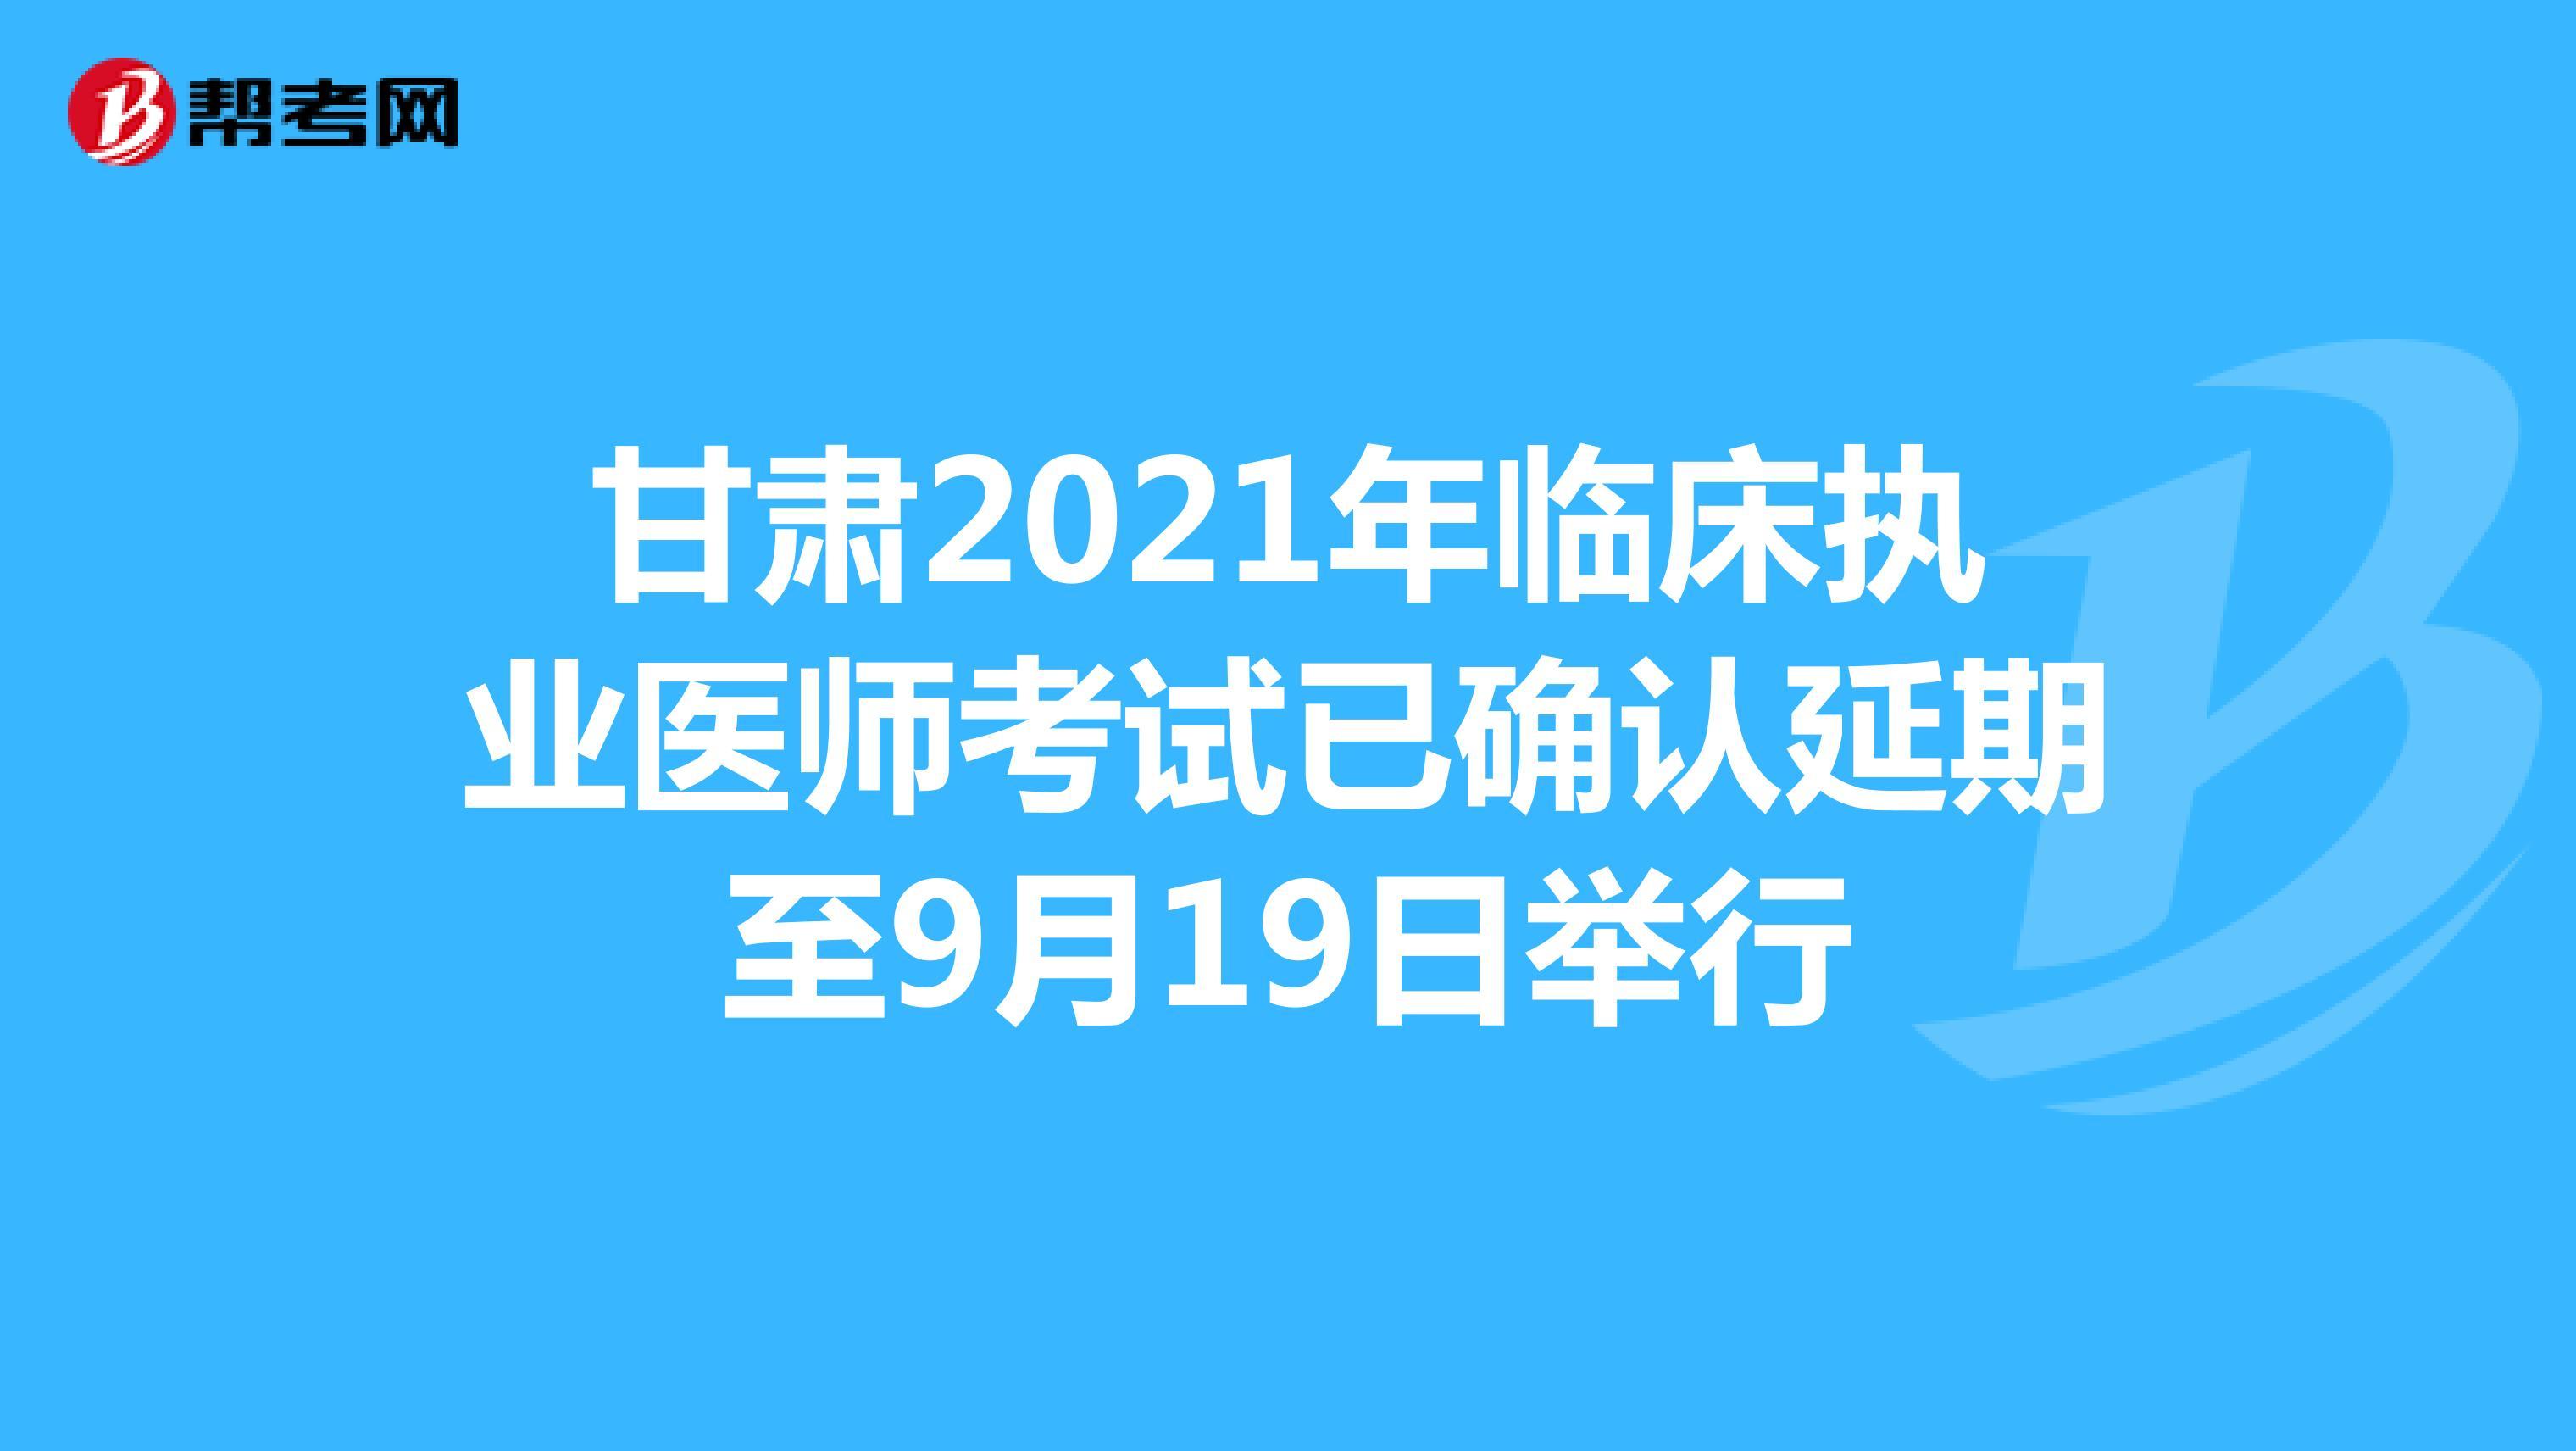 甘肃2021年临床执业医师考试已确认延期至9月19日举行